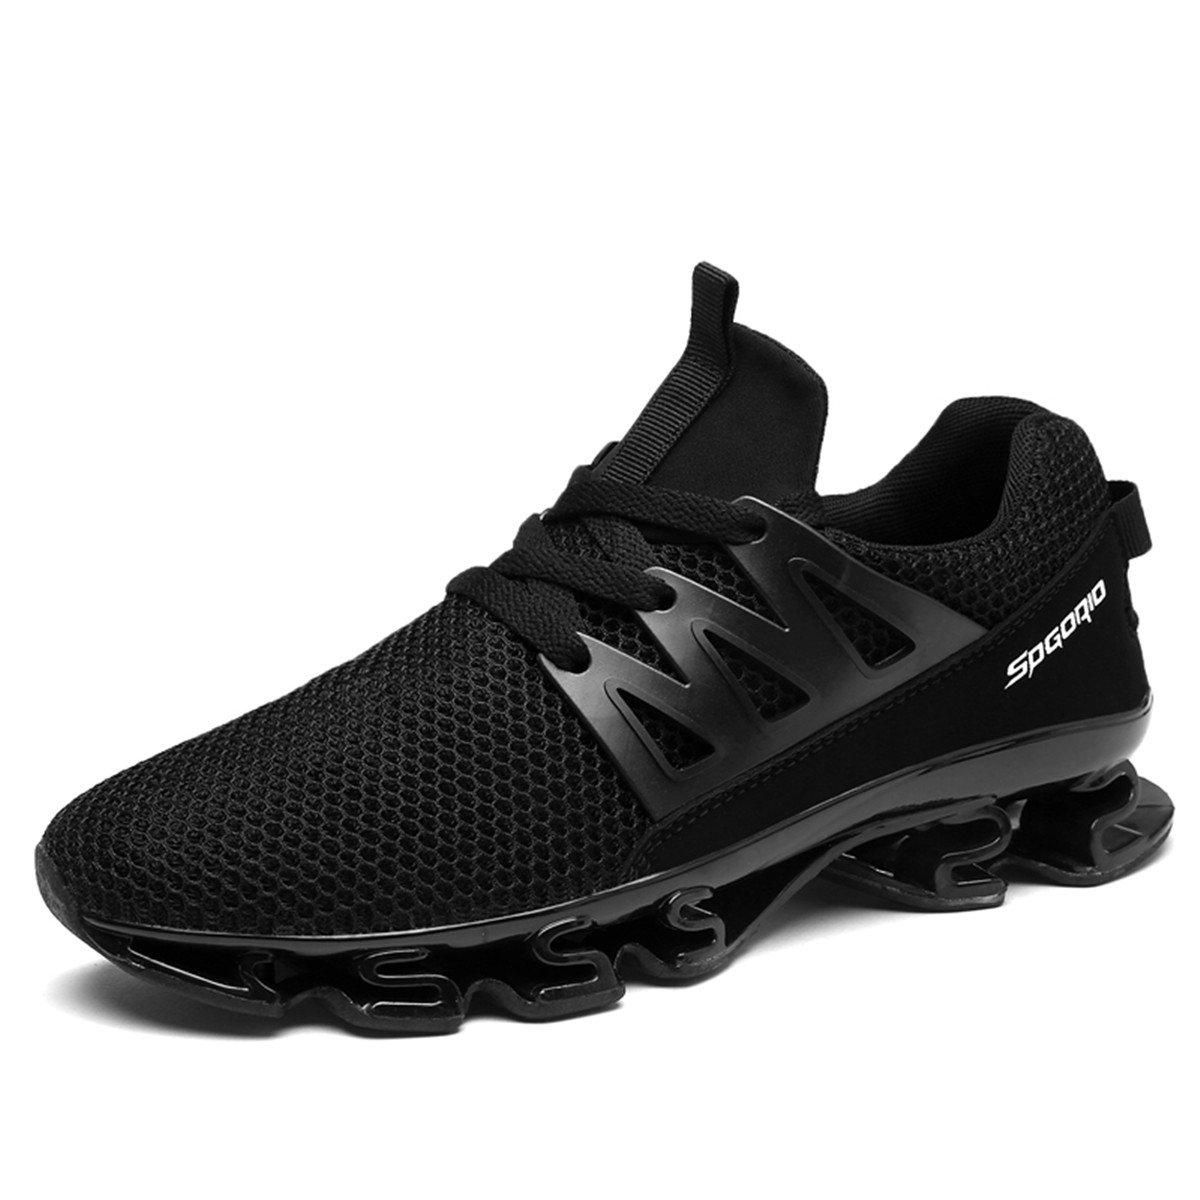 TALLA 39 EU. LSGEGO Zapatillas de Running para Hombre Zapatillas de Deporte Ligeras y Transpirables Zapatillas de Deporte atléticas Circulares Sneaker